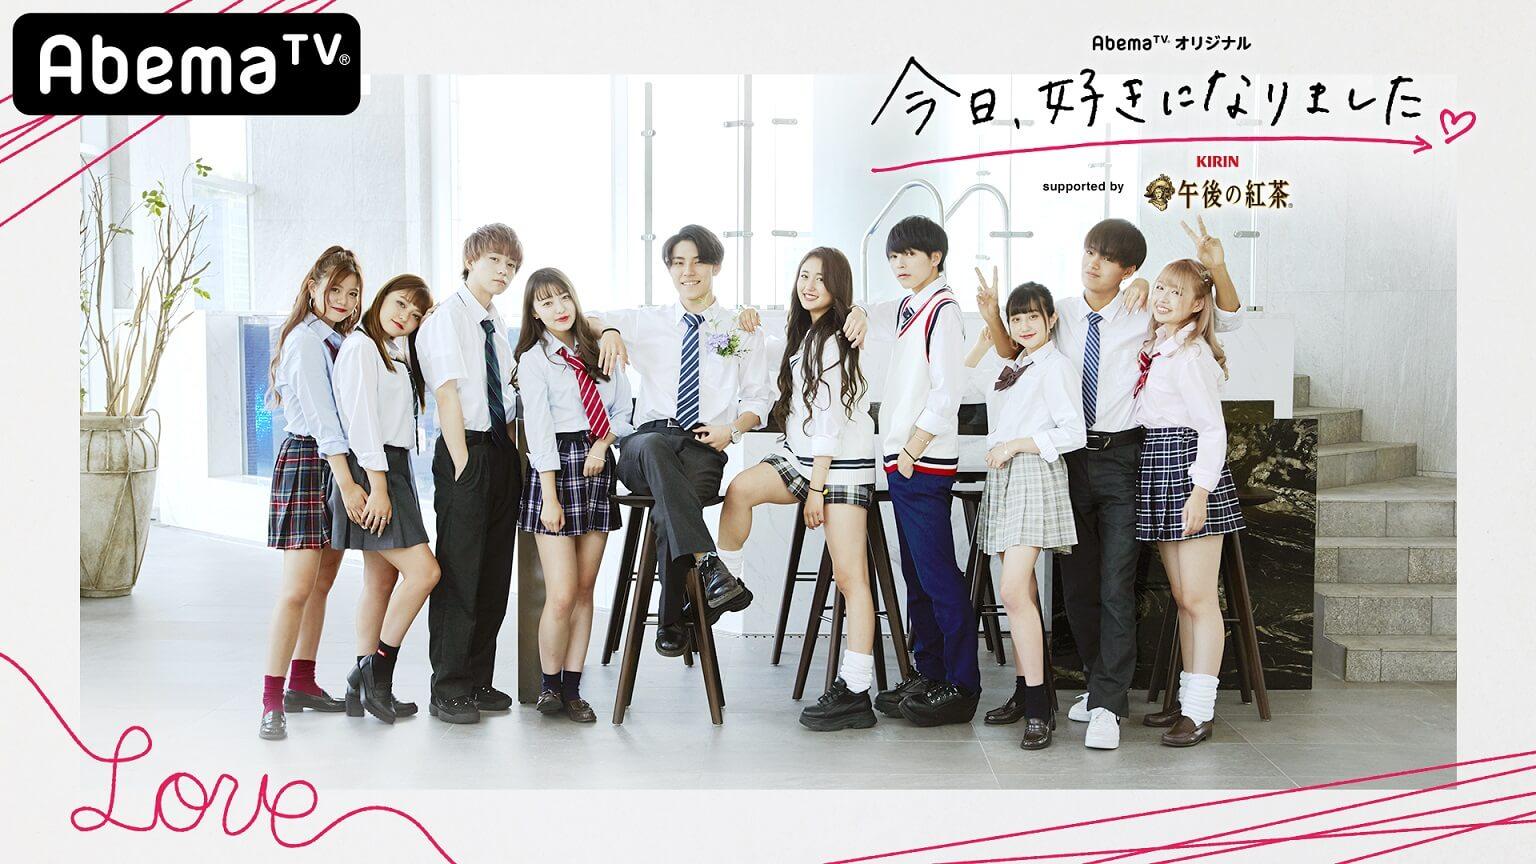 『今日、好きになりました。韓国ソウル編』AbemaSPECIALにて9月2日より放送開始!